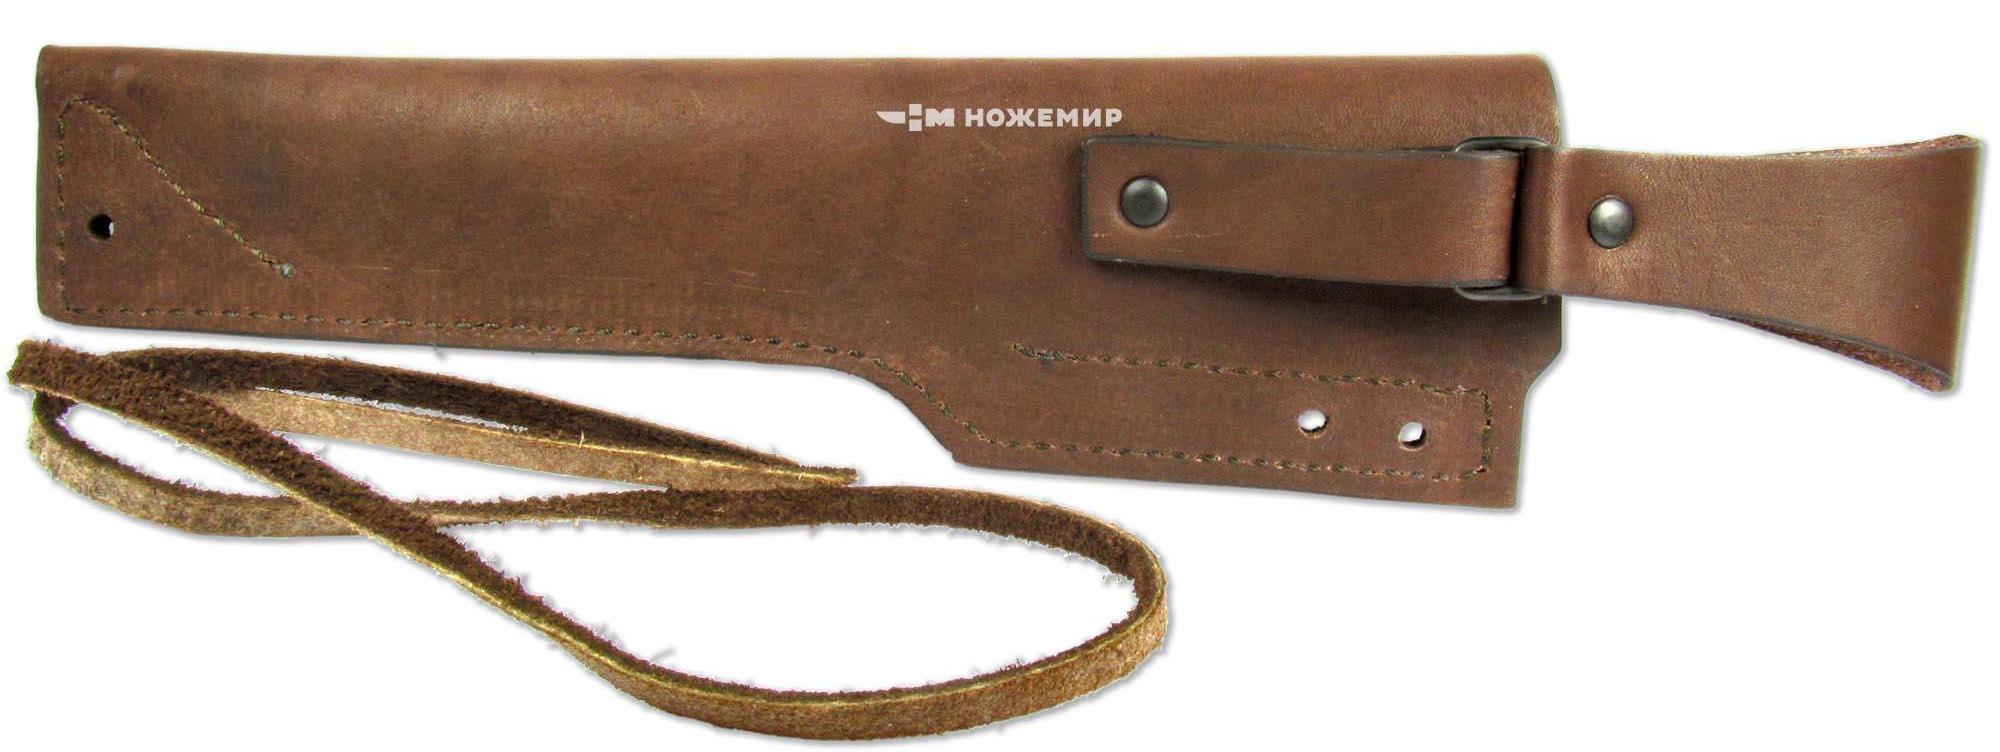 """Чехол для нескладного ножа """"Ножемир"""", цвет: коричневый. Чехол №15(п)к"""